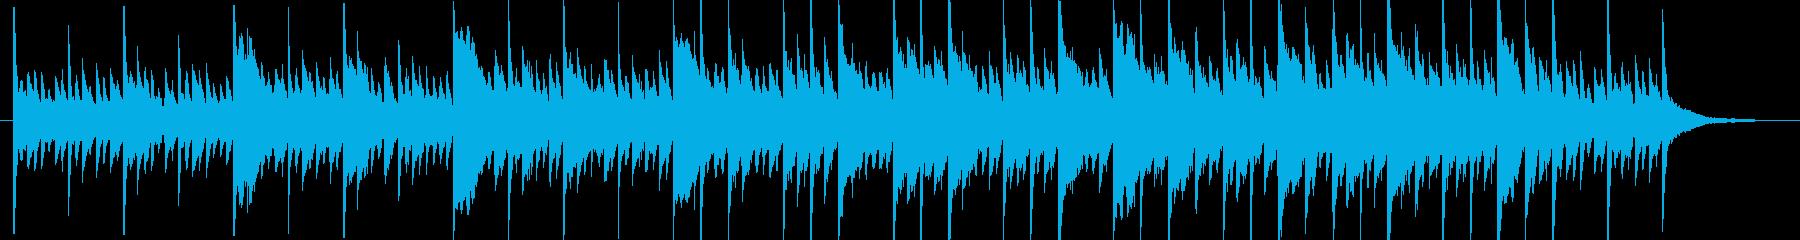 アンビエントミュージック 淡々 憂...の再生済みの波形